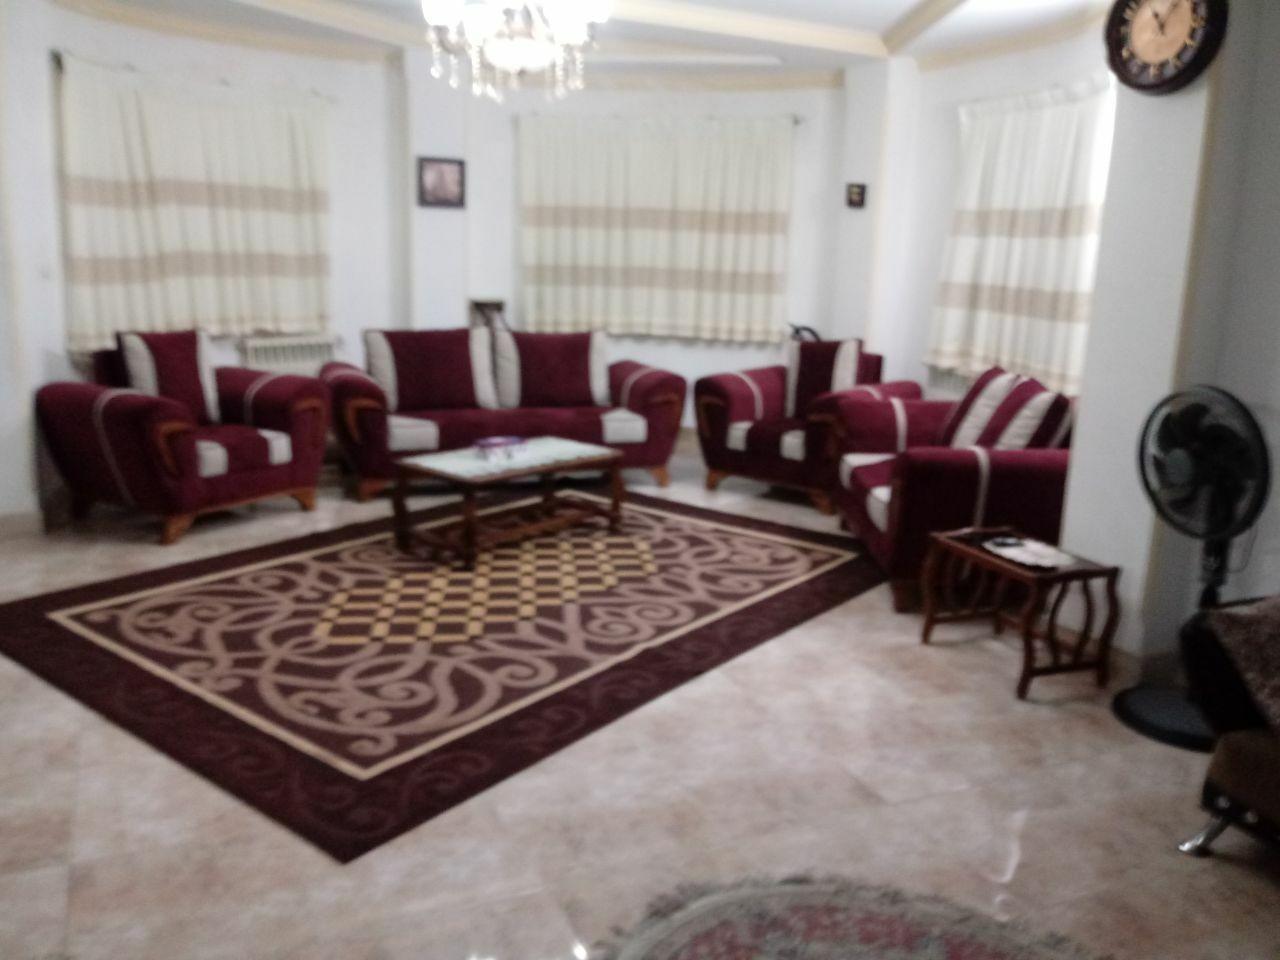 جنگلی ویلا استخردار  سرپوشیده در کتالم مازندران